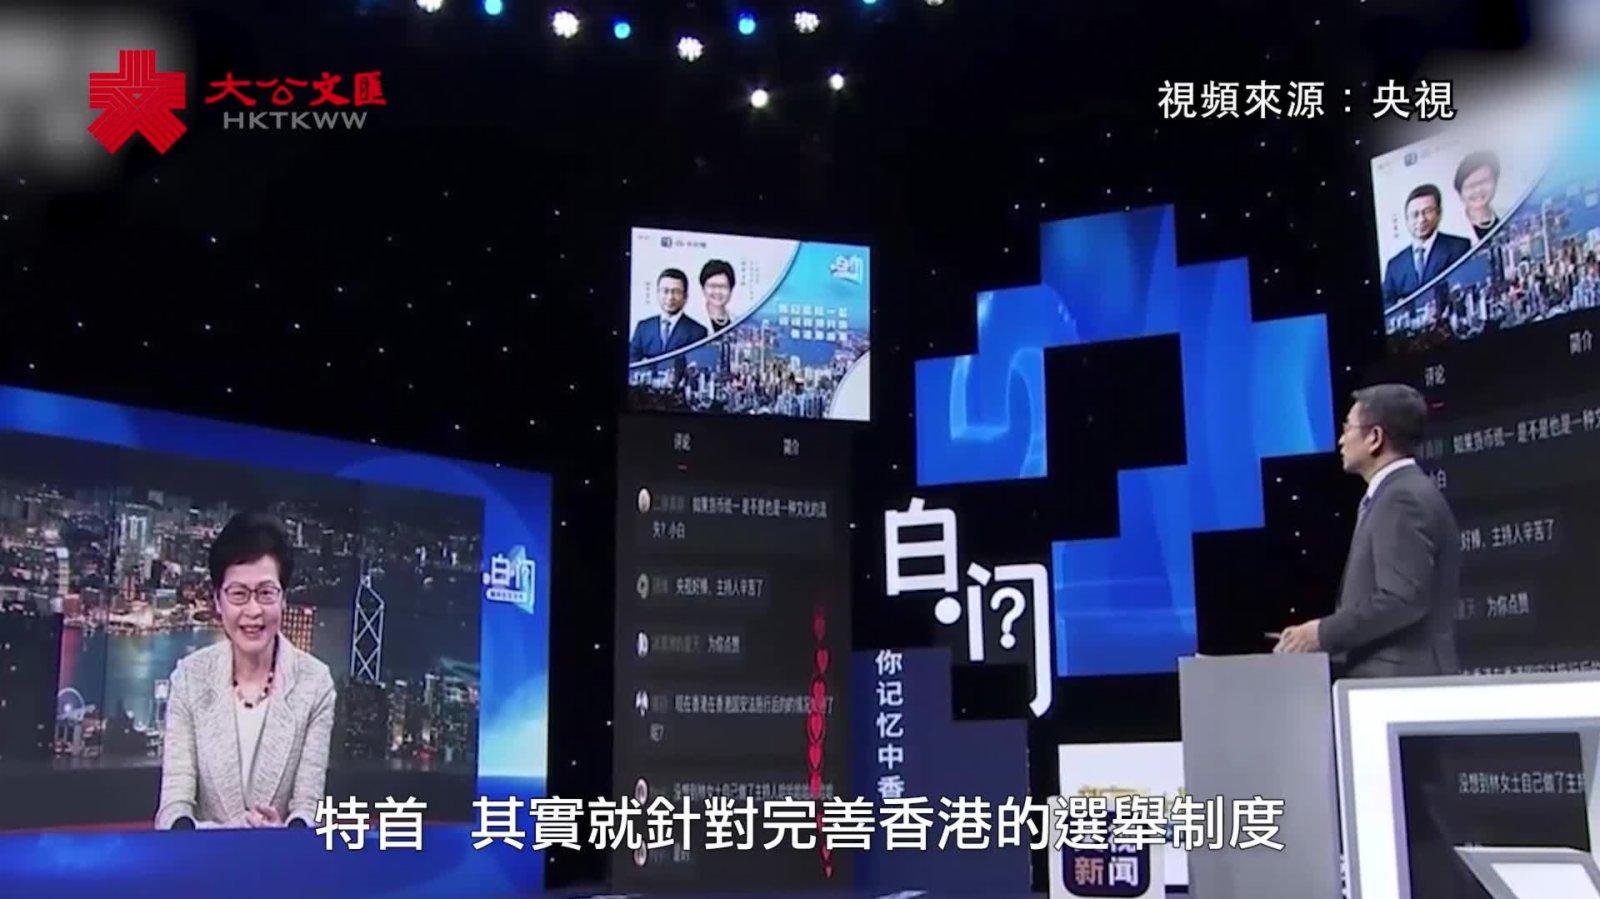 接受央視訪問 林鄭月娥:行政立法制衡香港不會有一言堂